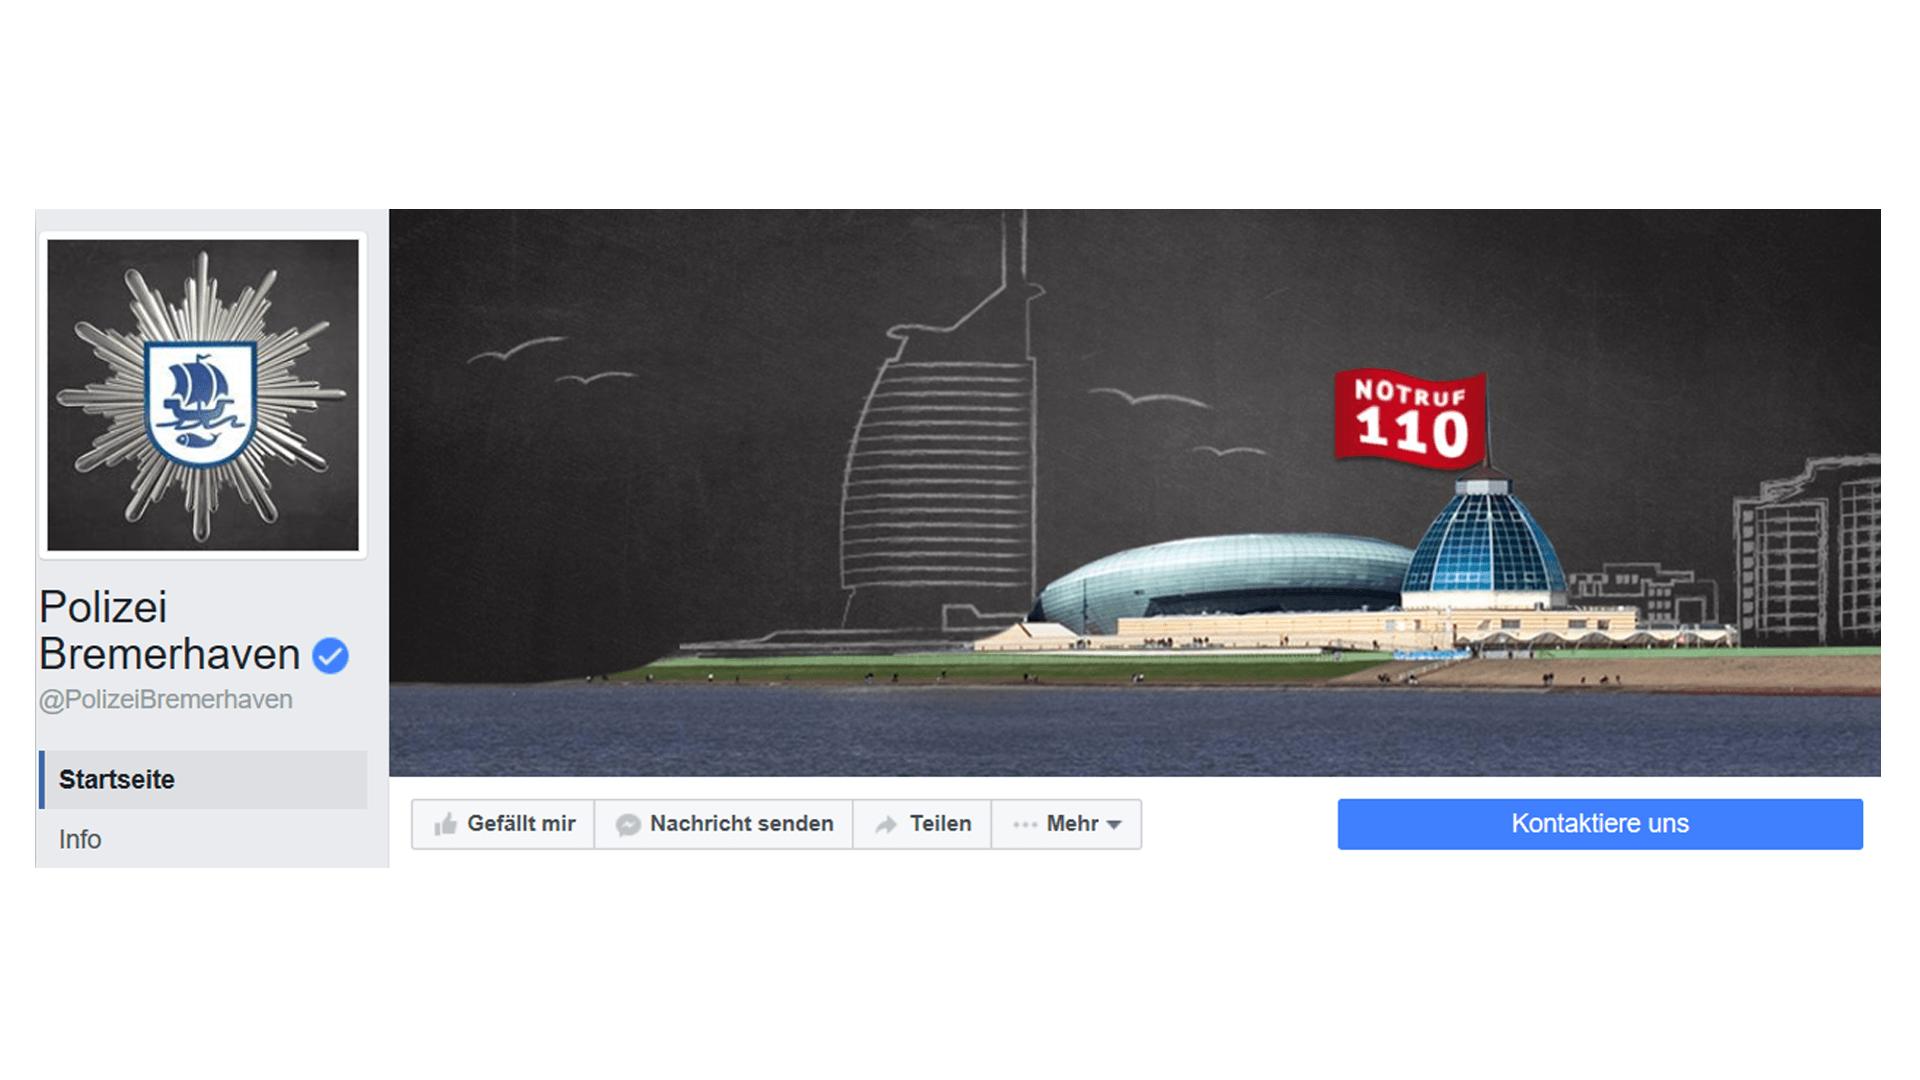 Polizei Bremerhaven Facebook